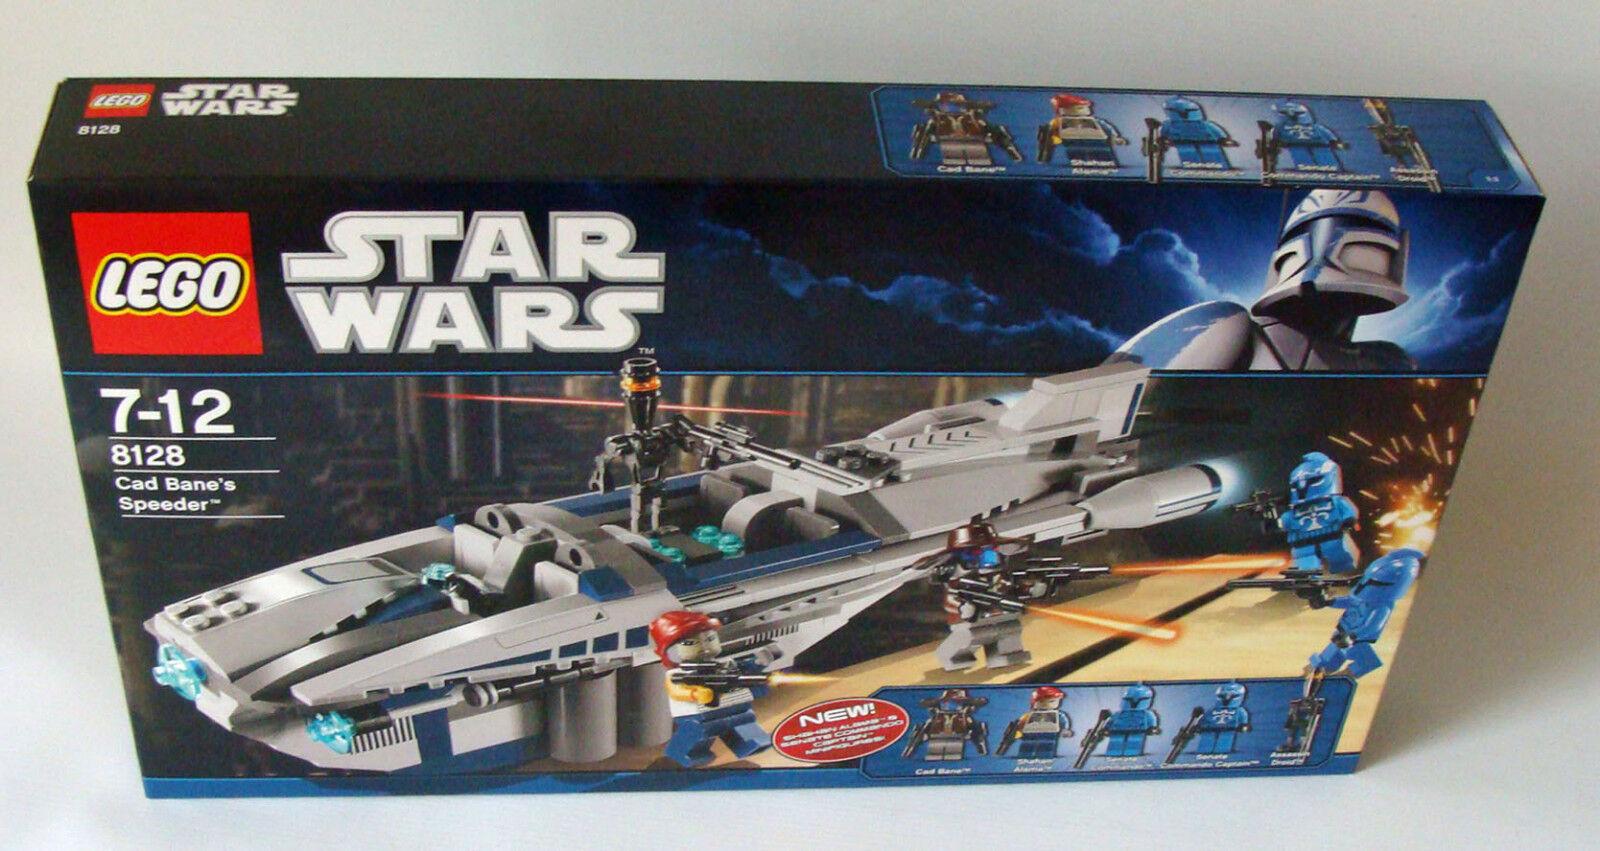 Lego ® Star Wars 8128-CAD Bane's speeder 7-12 años 318 piezas-nuevo